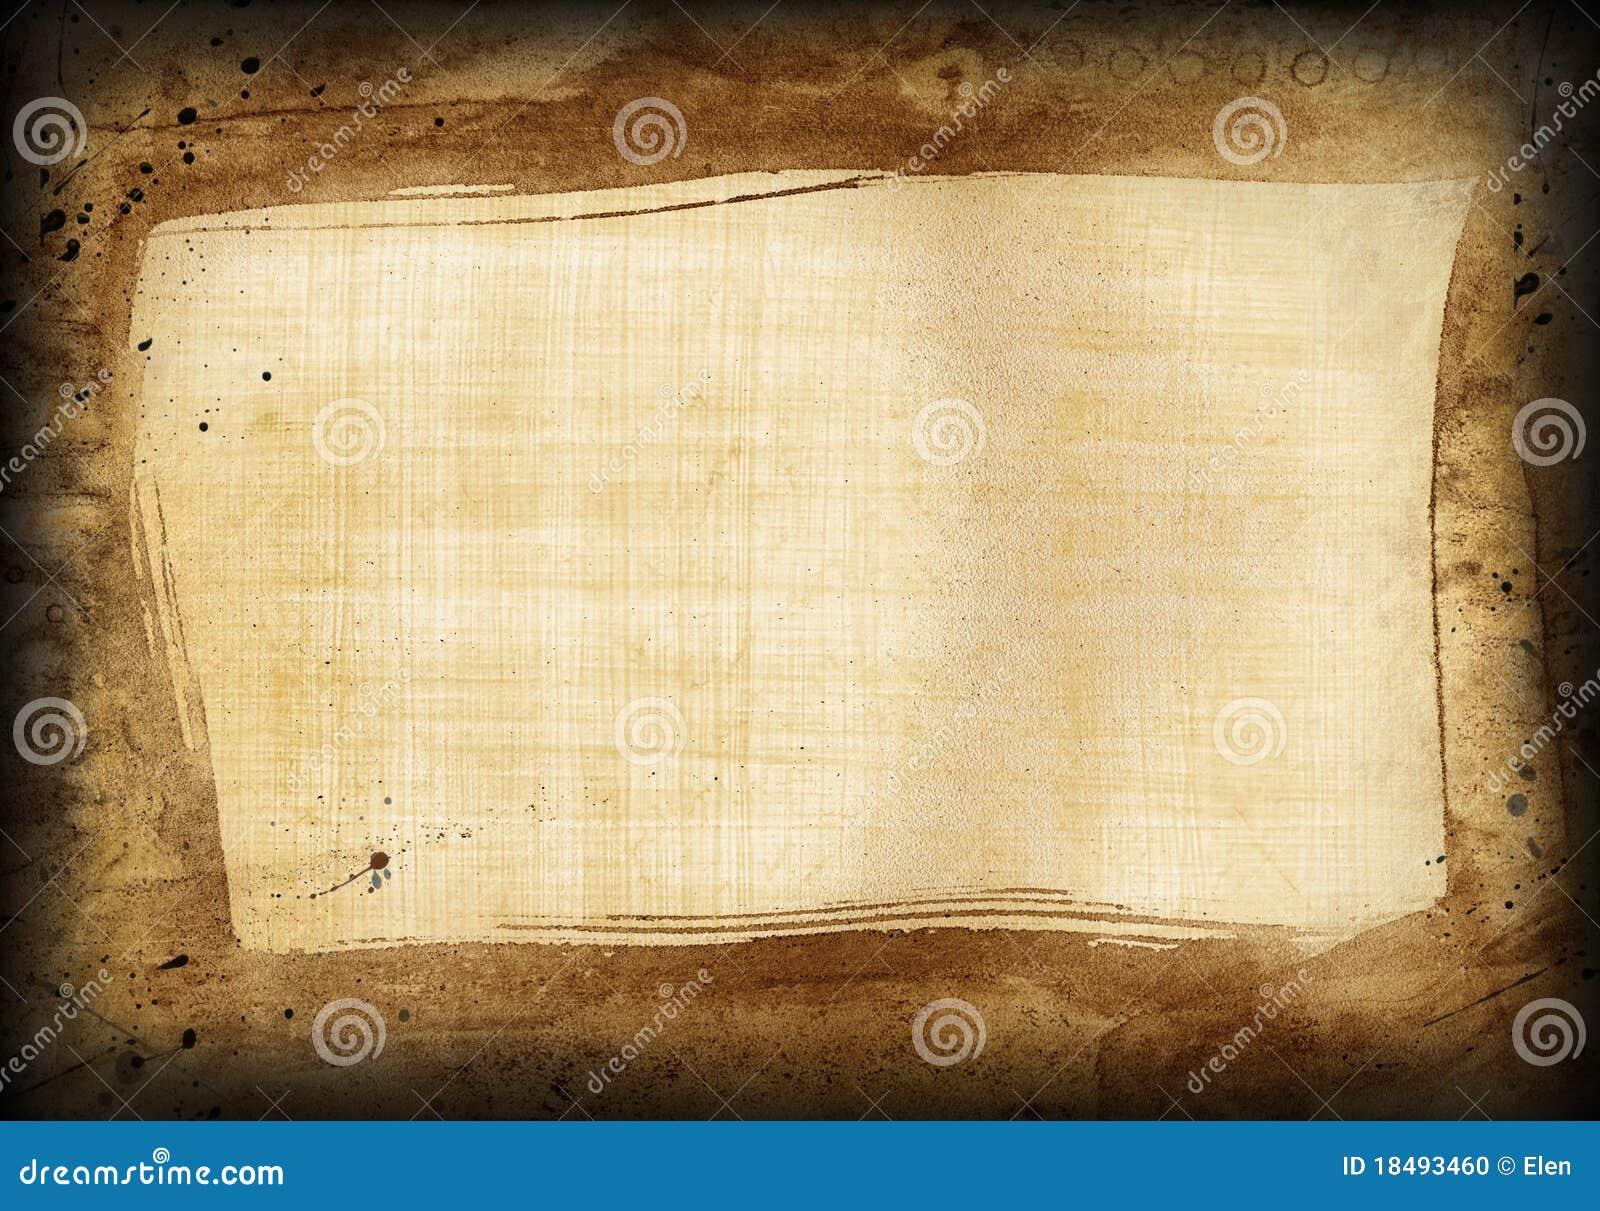 Marco retro foto de archivo. Imagen de textura, retro - 18493460